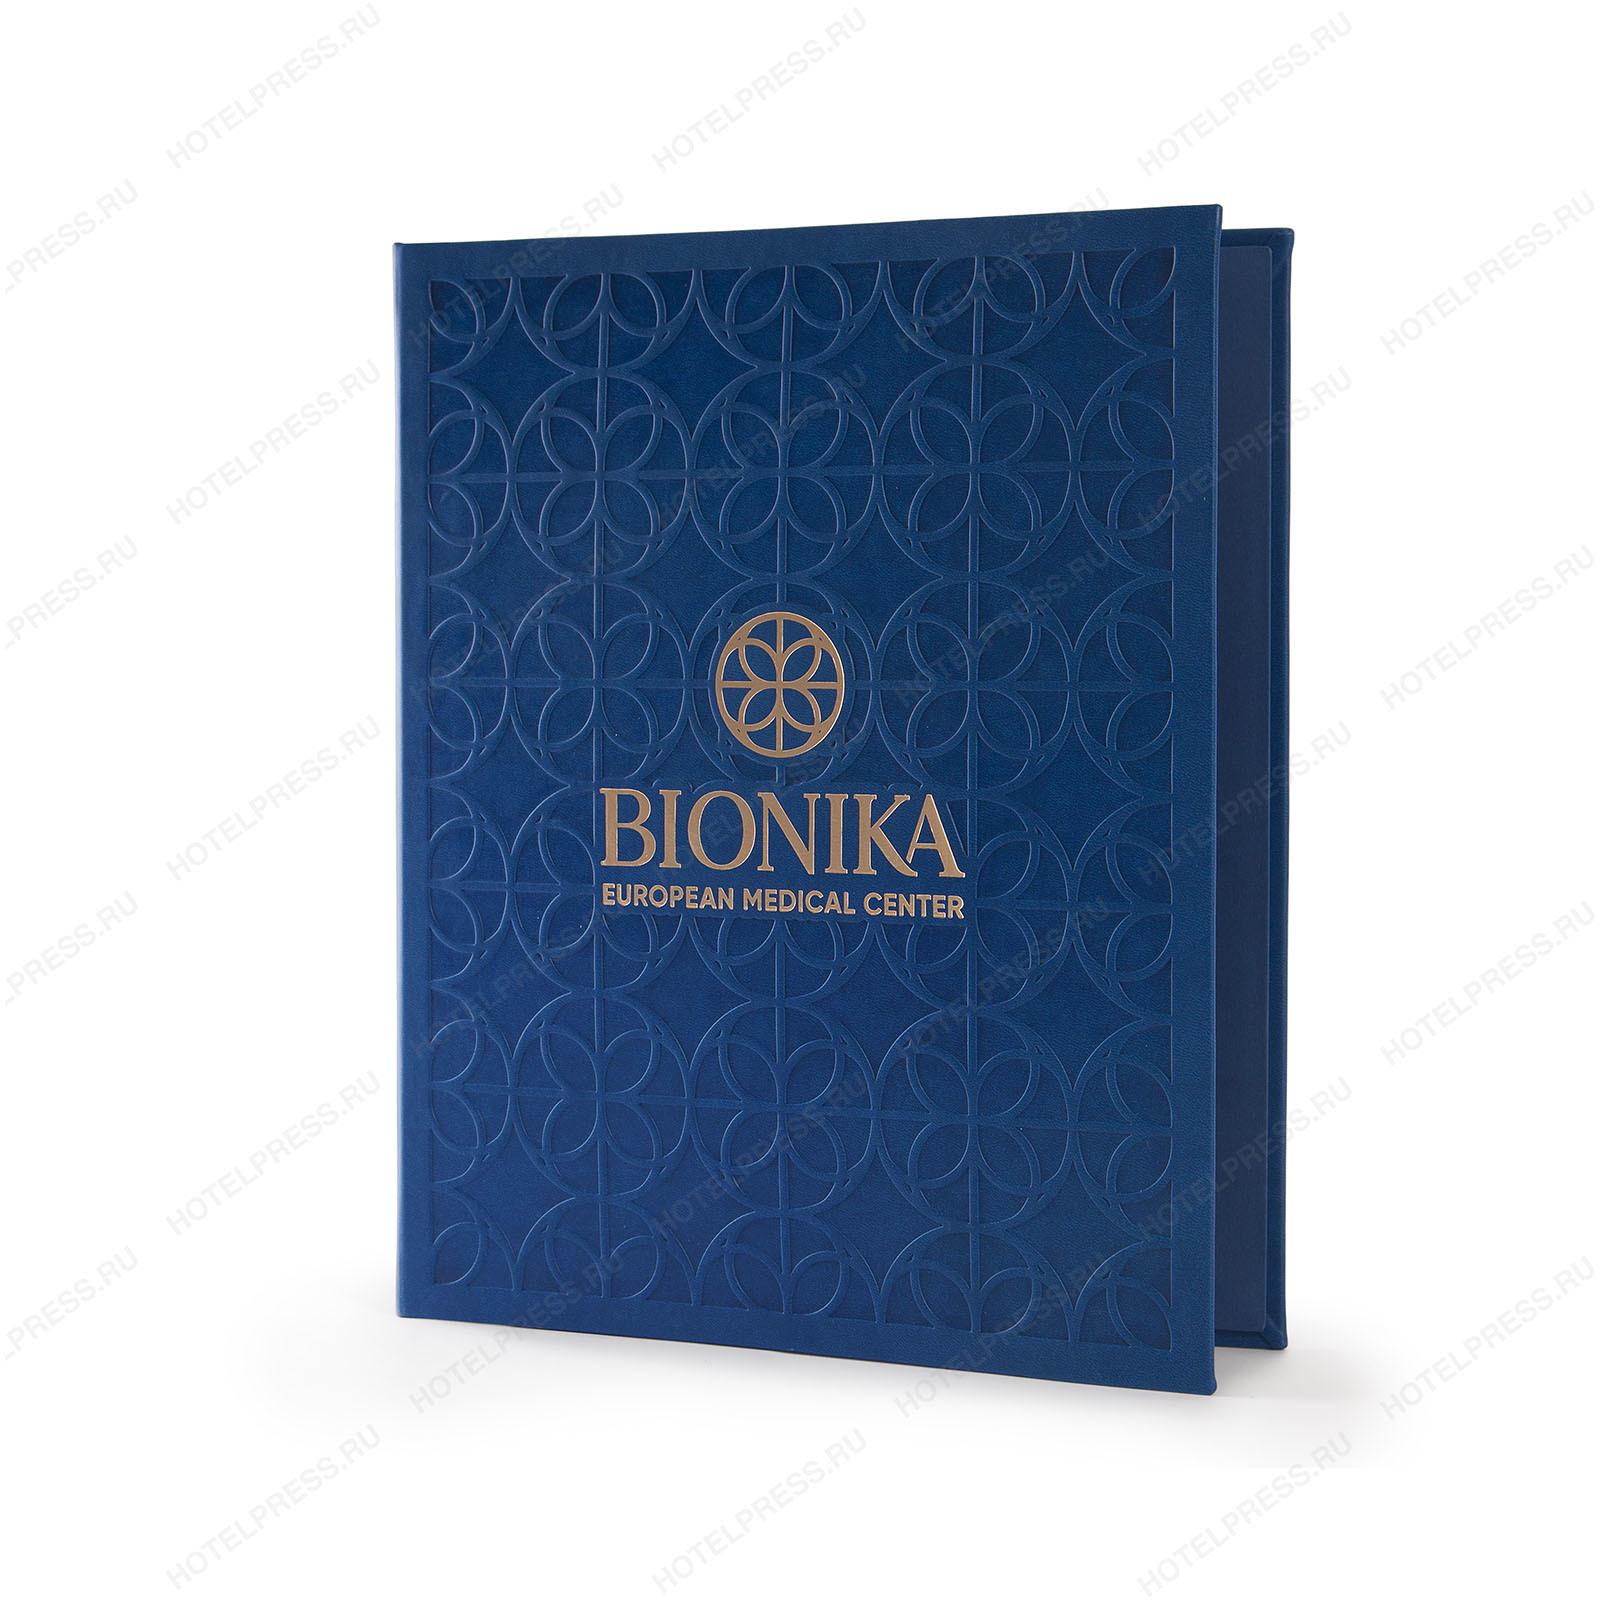 Папка европейского медцентра BIONIKA с кольцевым механизмом и тиснением логотипа